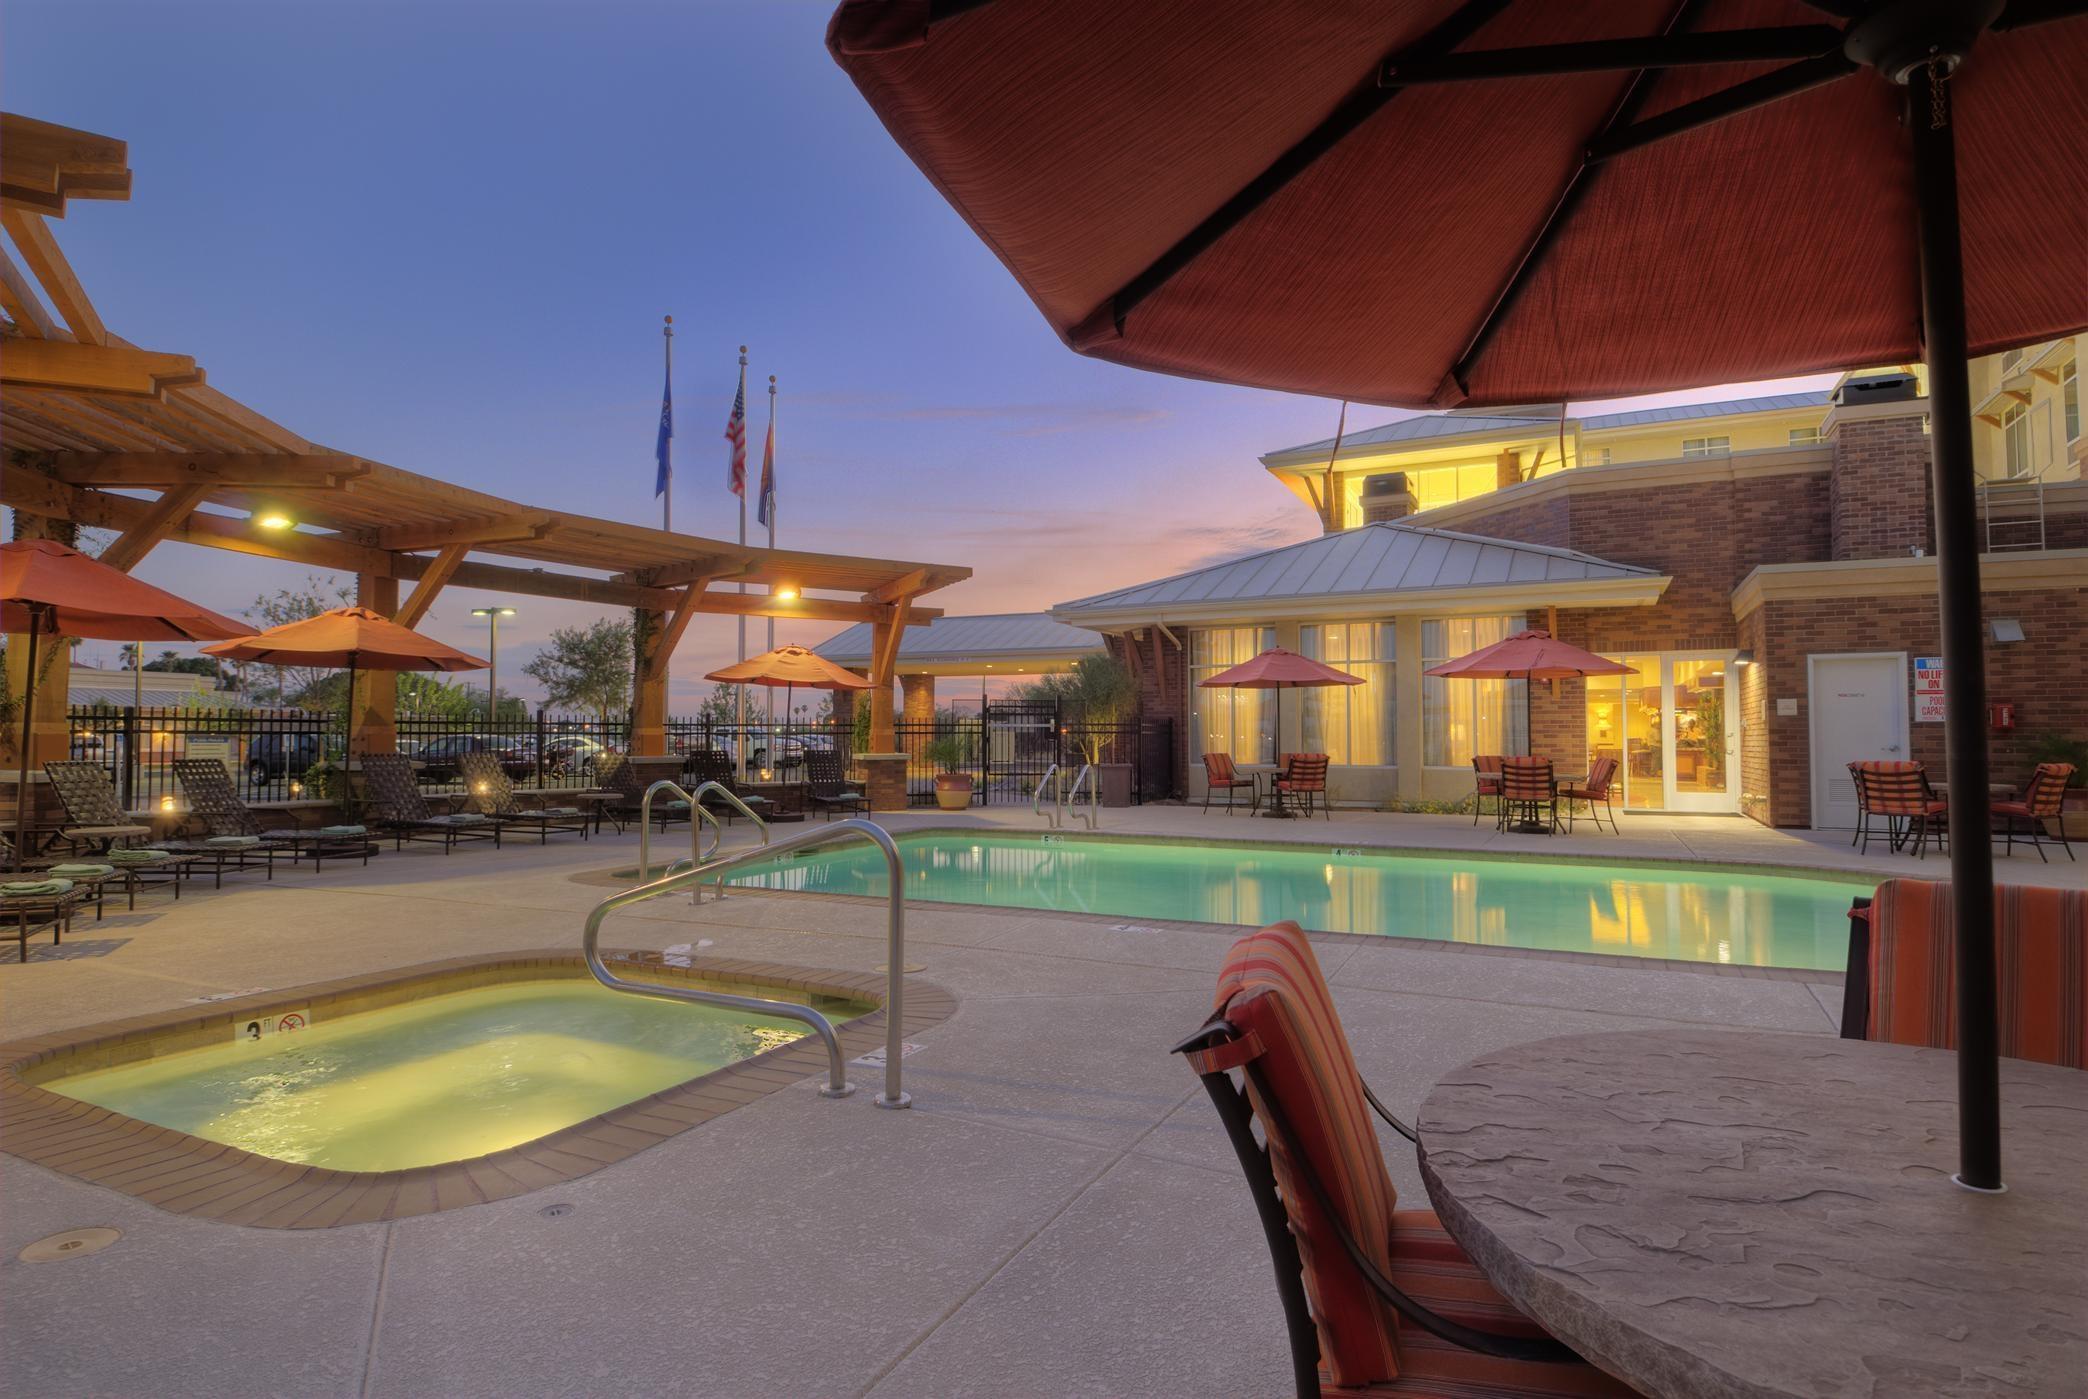 Hilton garden inn yuma pivot point yuma arizona az for Best western coronado motor hotel yuma az